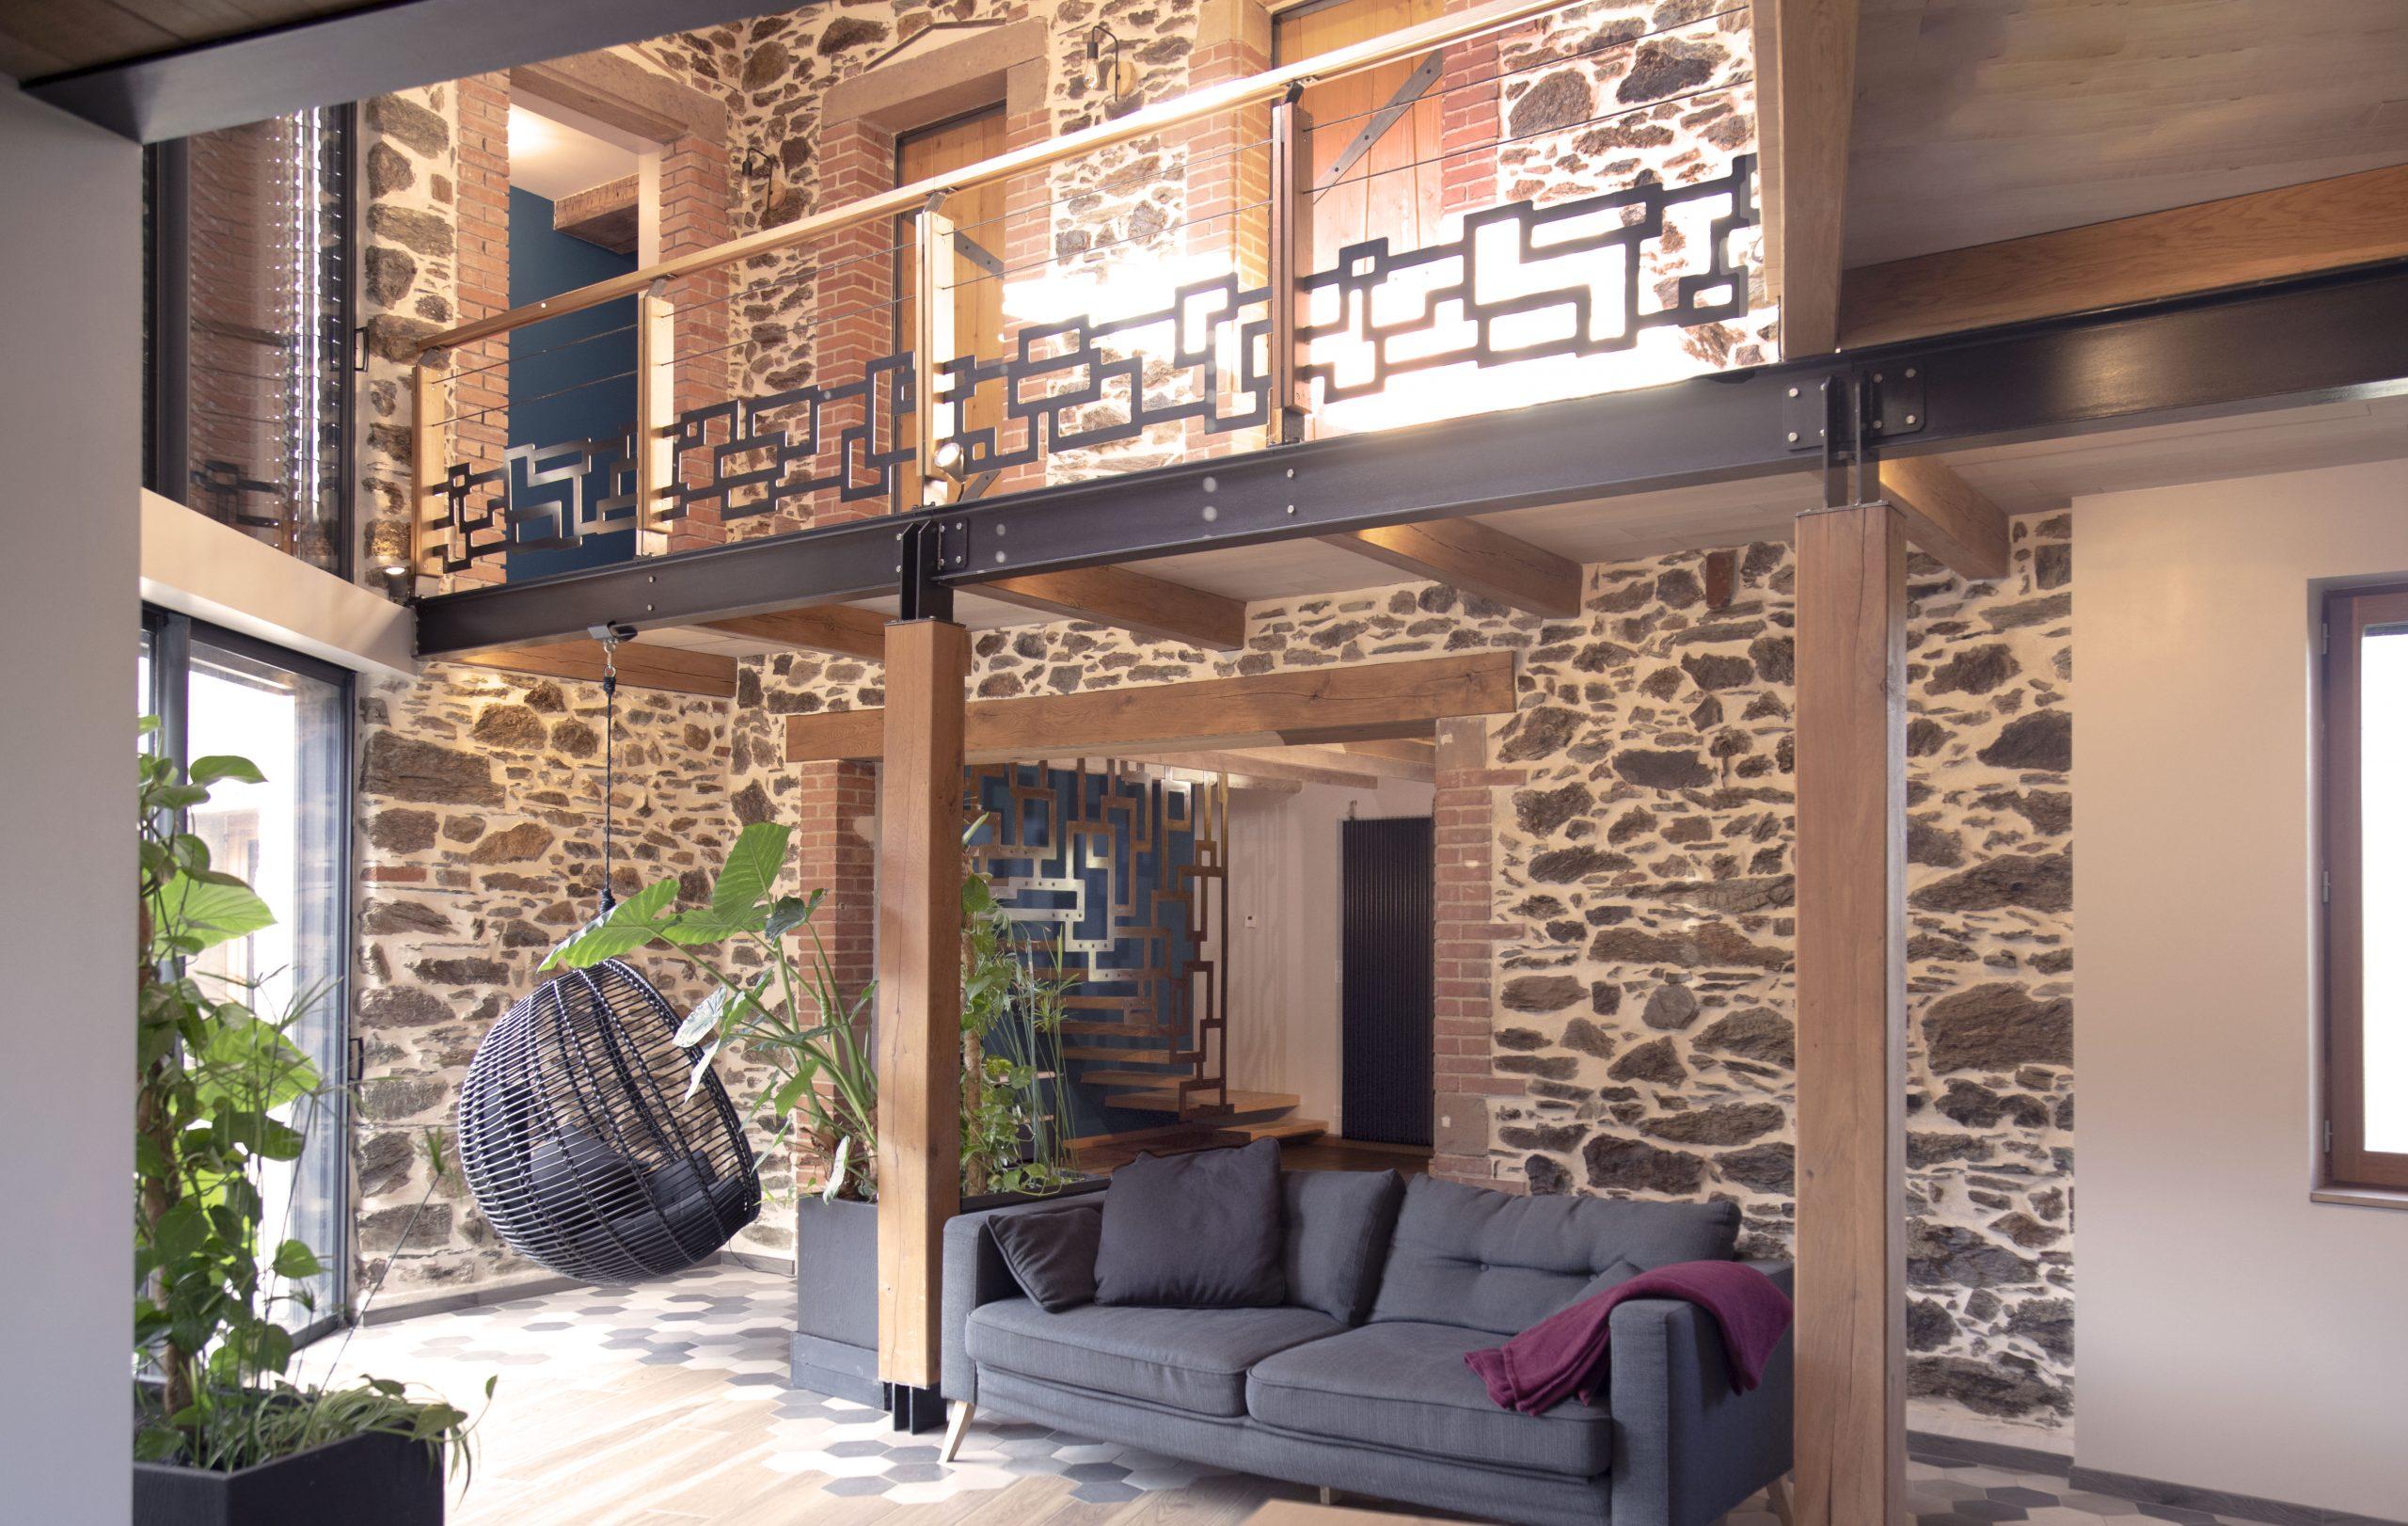 Sam Metal Concept : Terrasses, passerelles, escaliers : votre aménagement extérieur métallique conçu sur-mesure